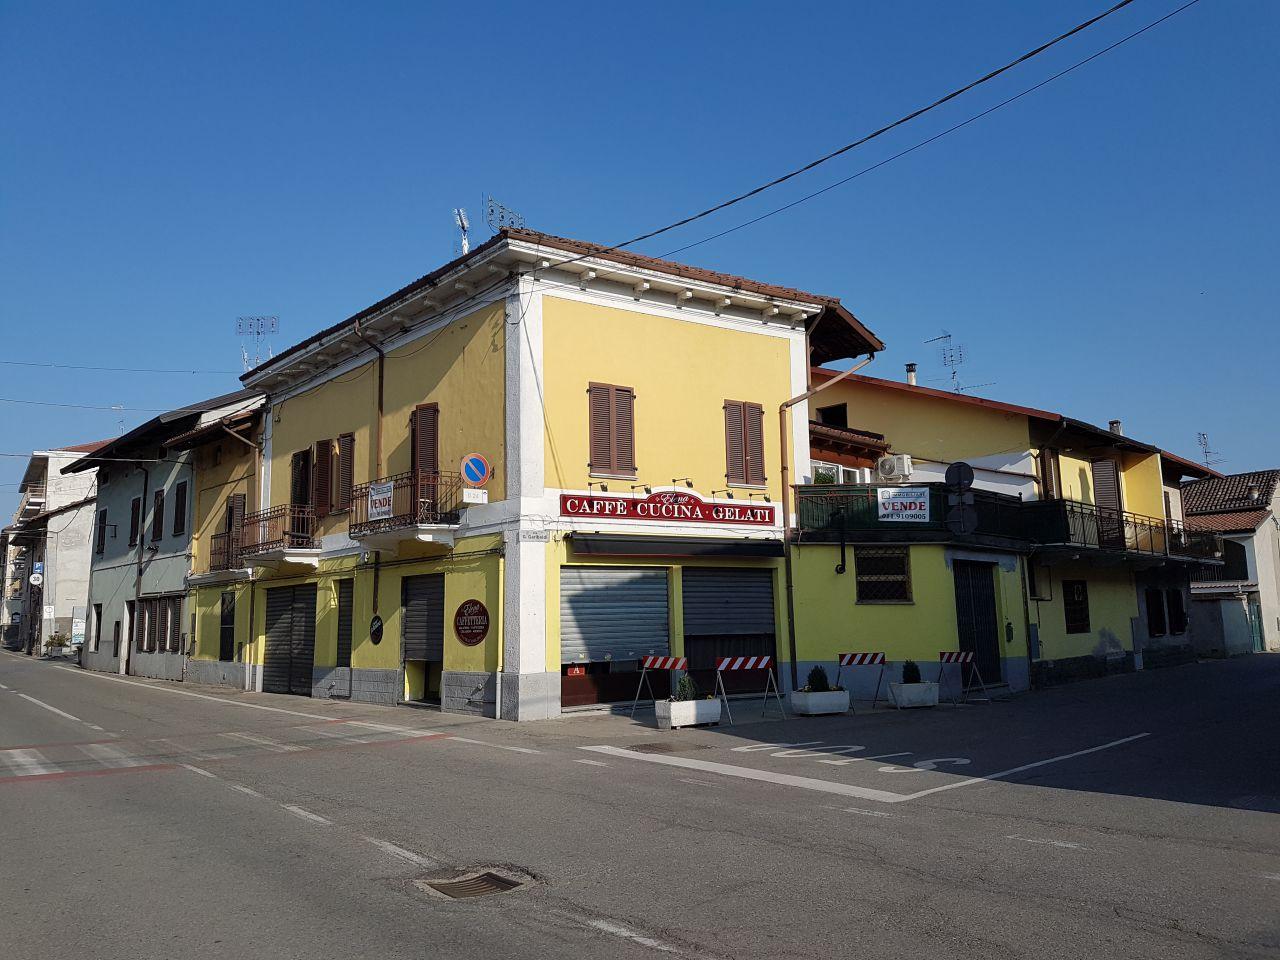 Soluzione Indipendente in vendita a Rondissone, 12 locali, prezzo € 225.000 | CambioCasa.it